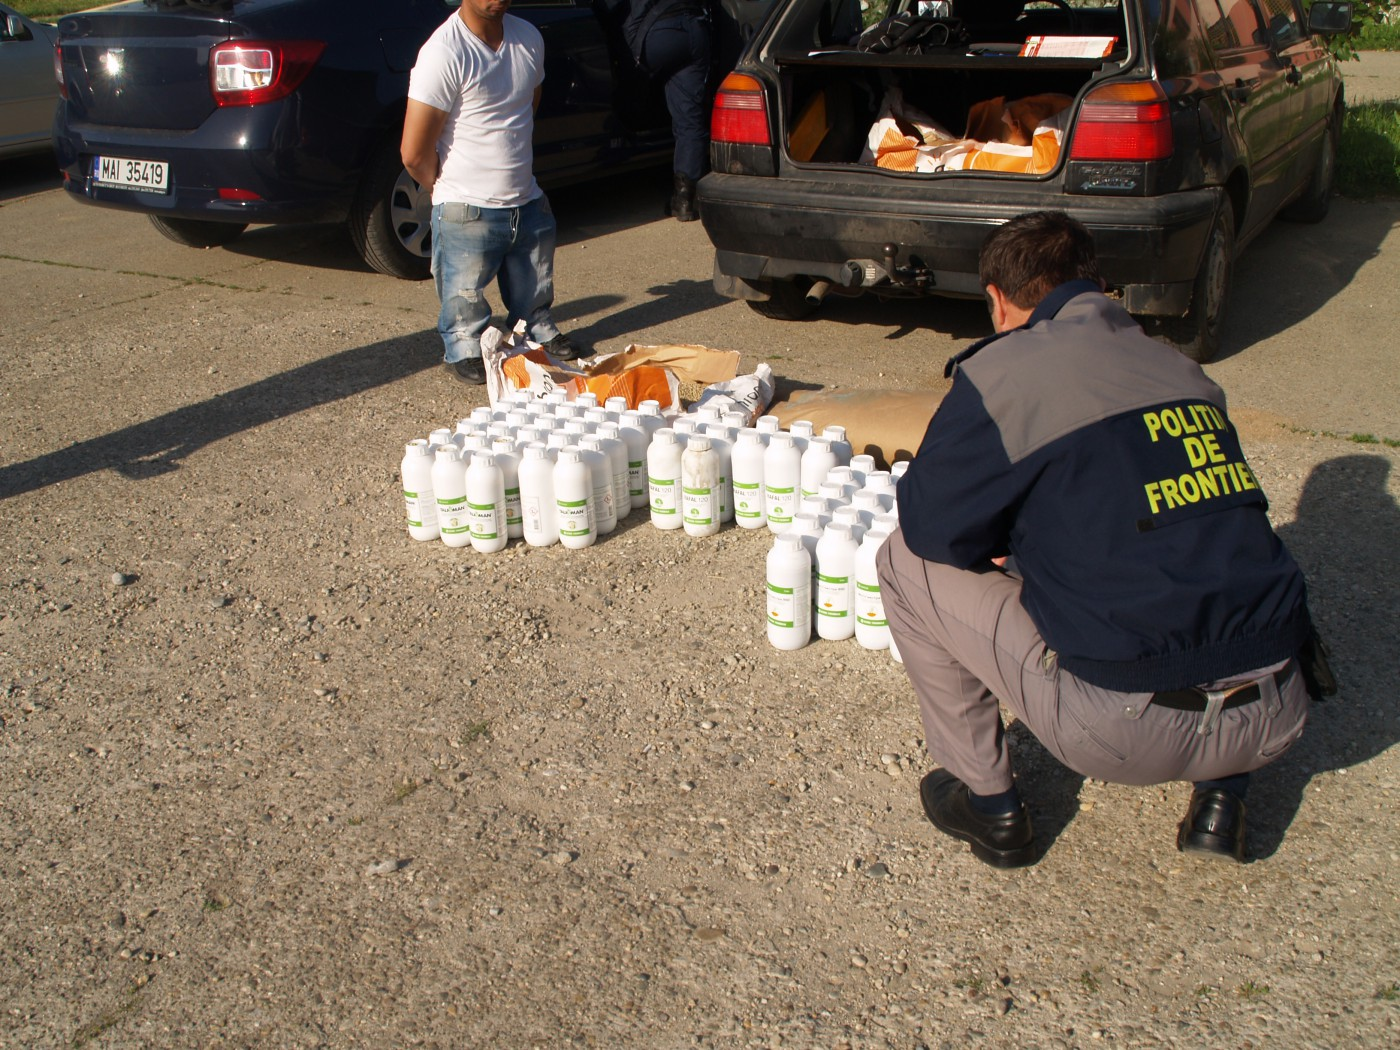 contrabanda pesticide